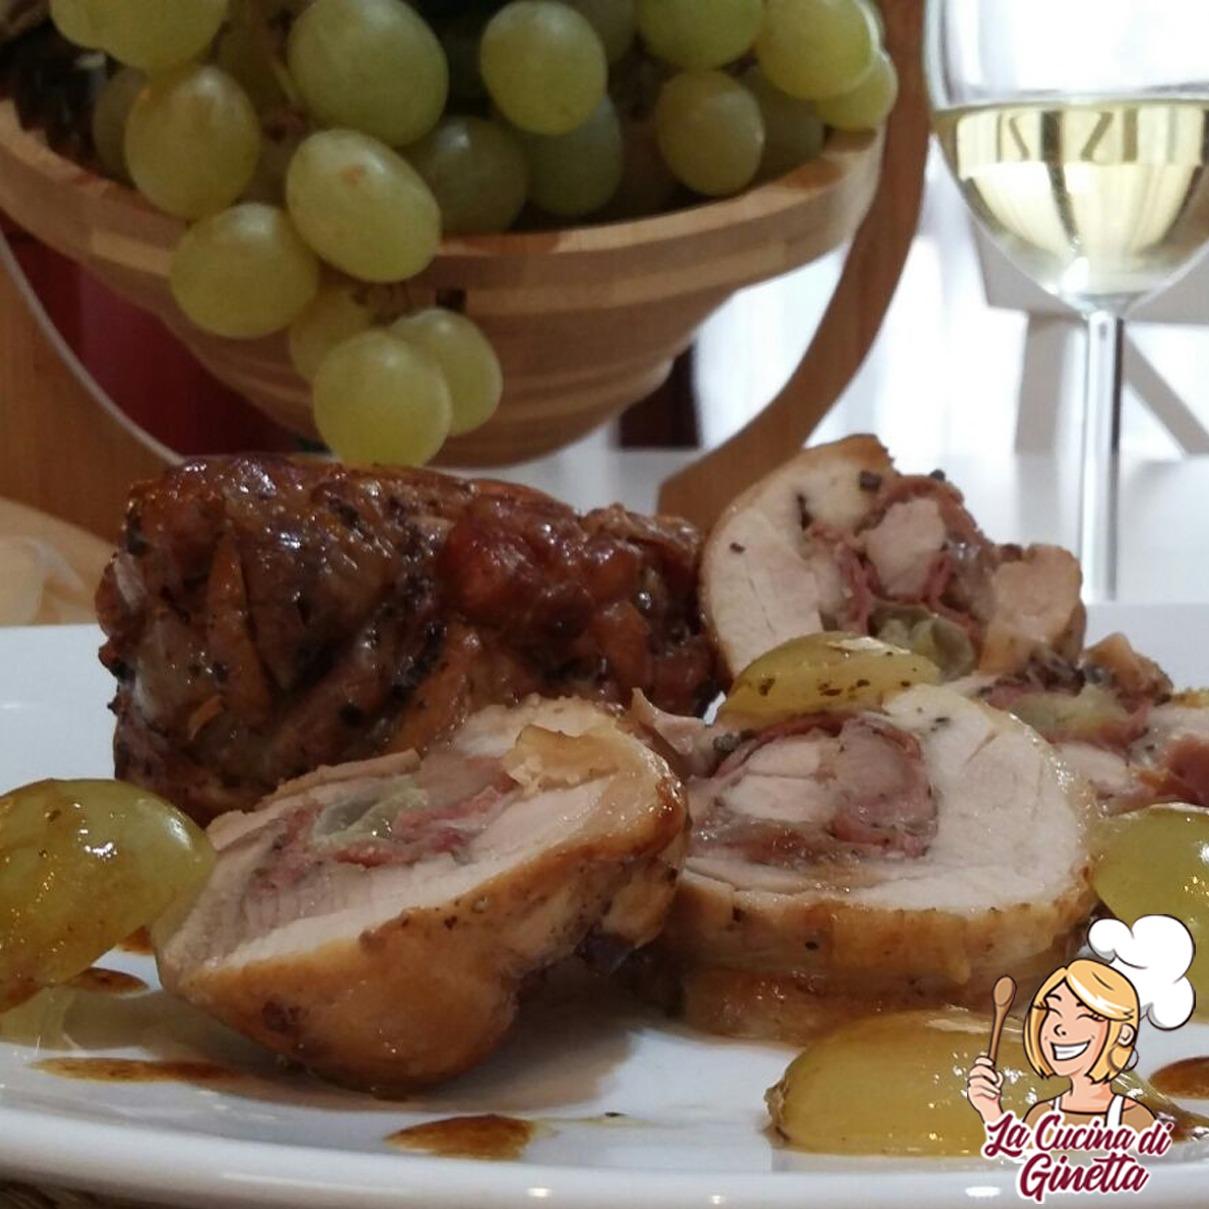 bistecchine di pollo rollate con uva e prosciutto